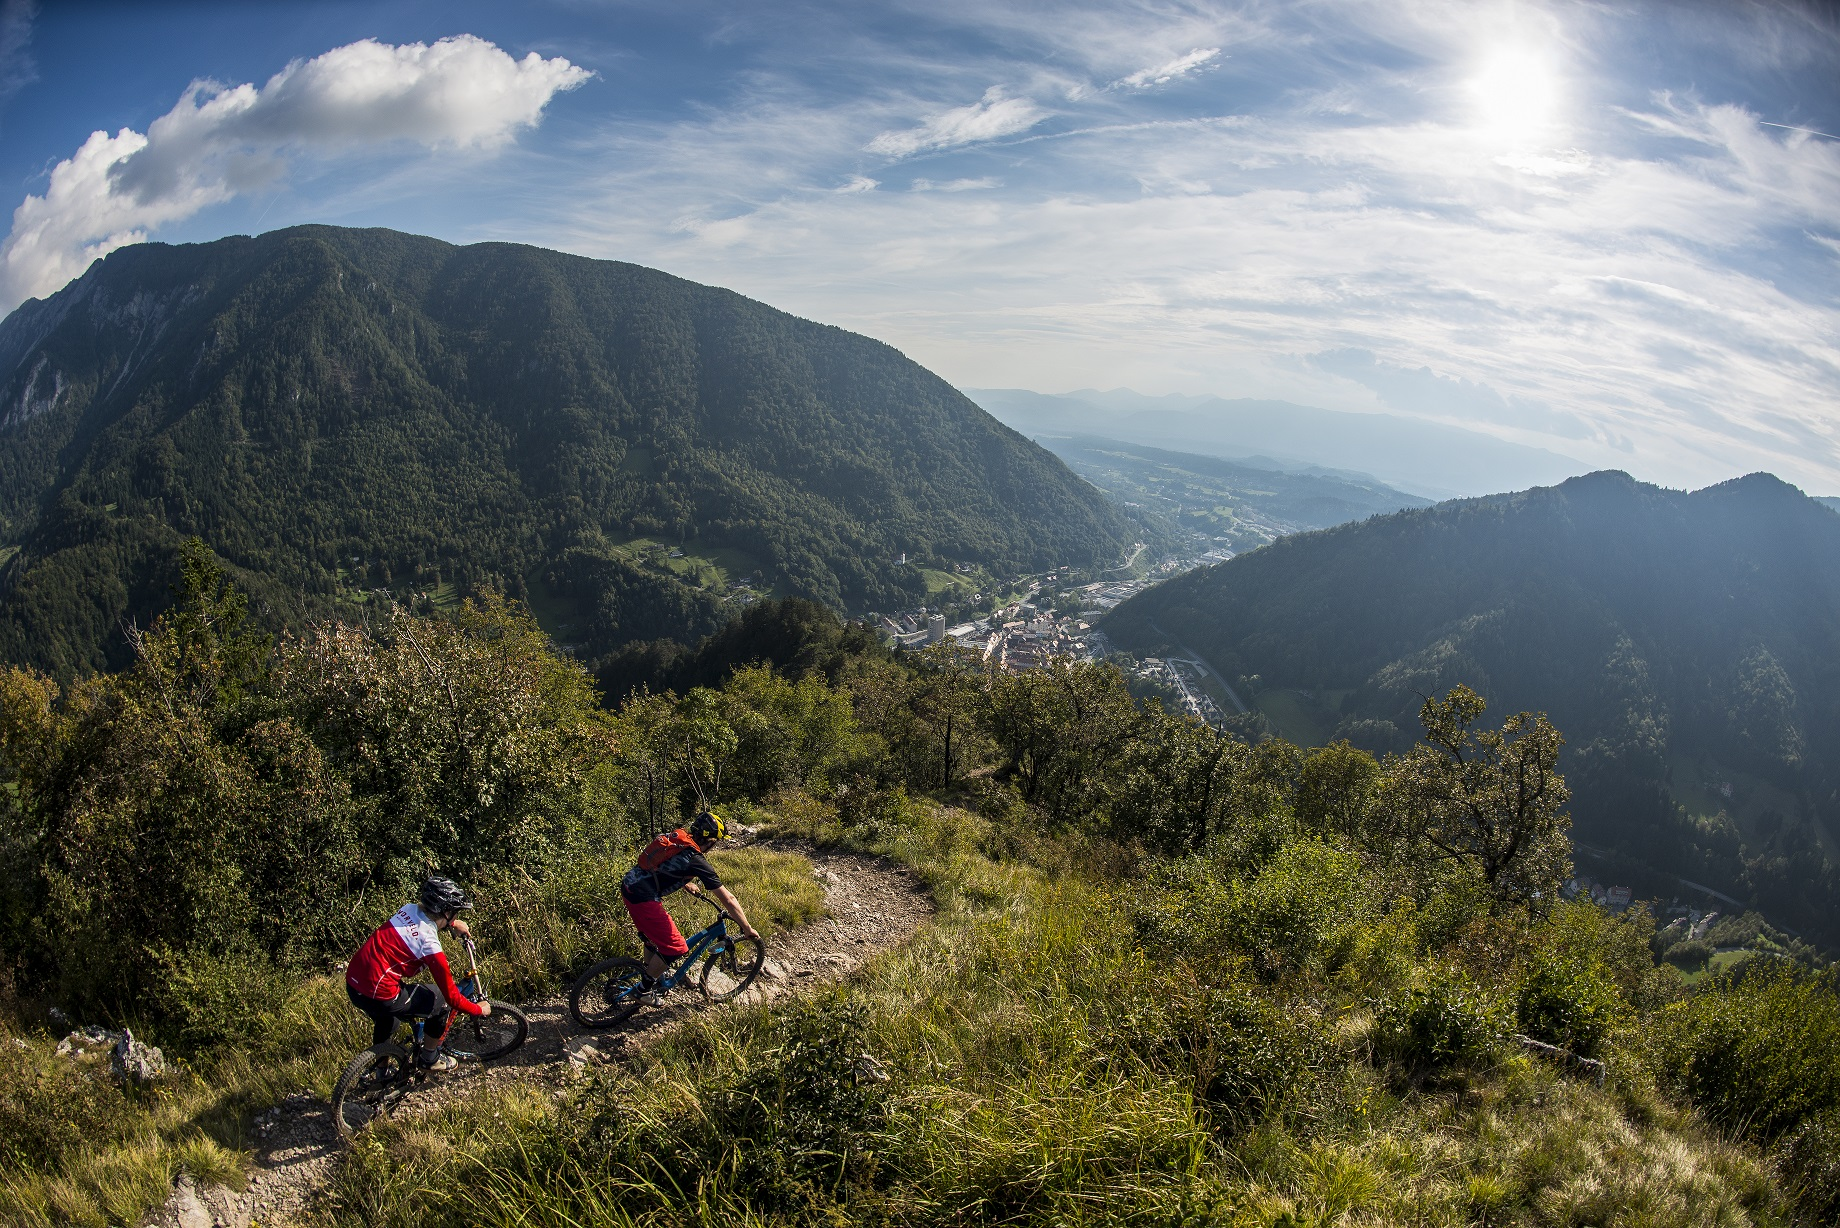 Fünf Gründe, warum Slowenien das ideale Ziel für einen Urlaub auf zwei Rädern ist